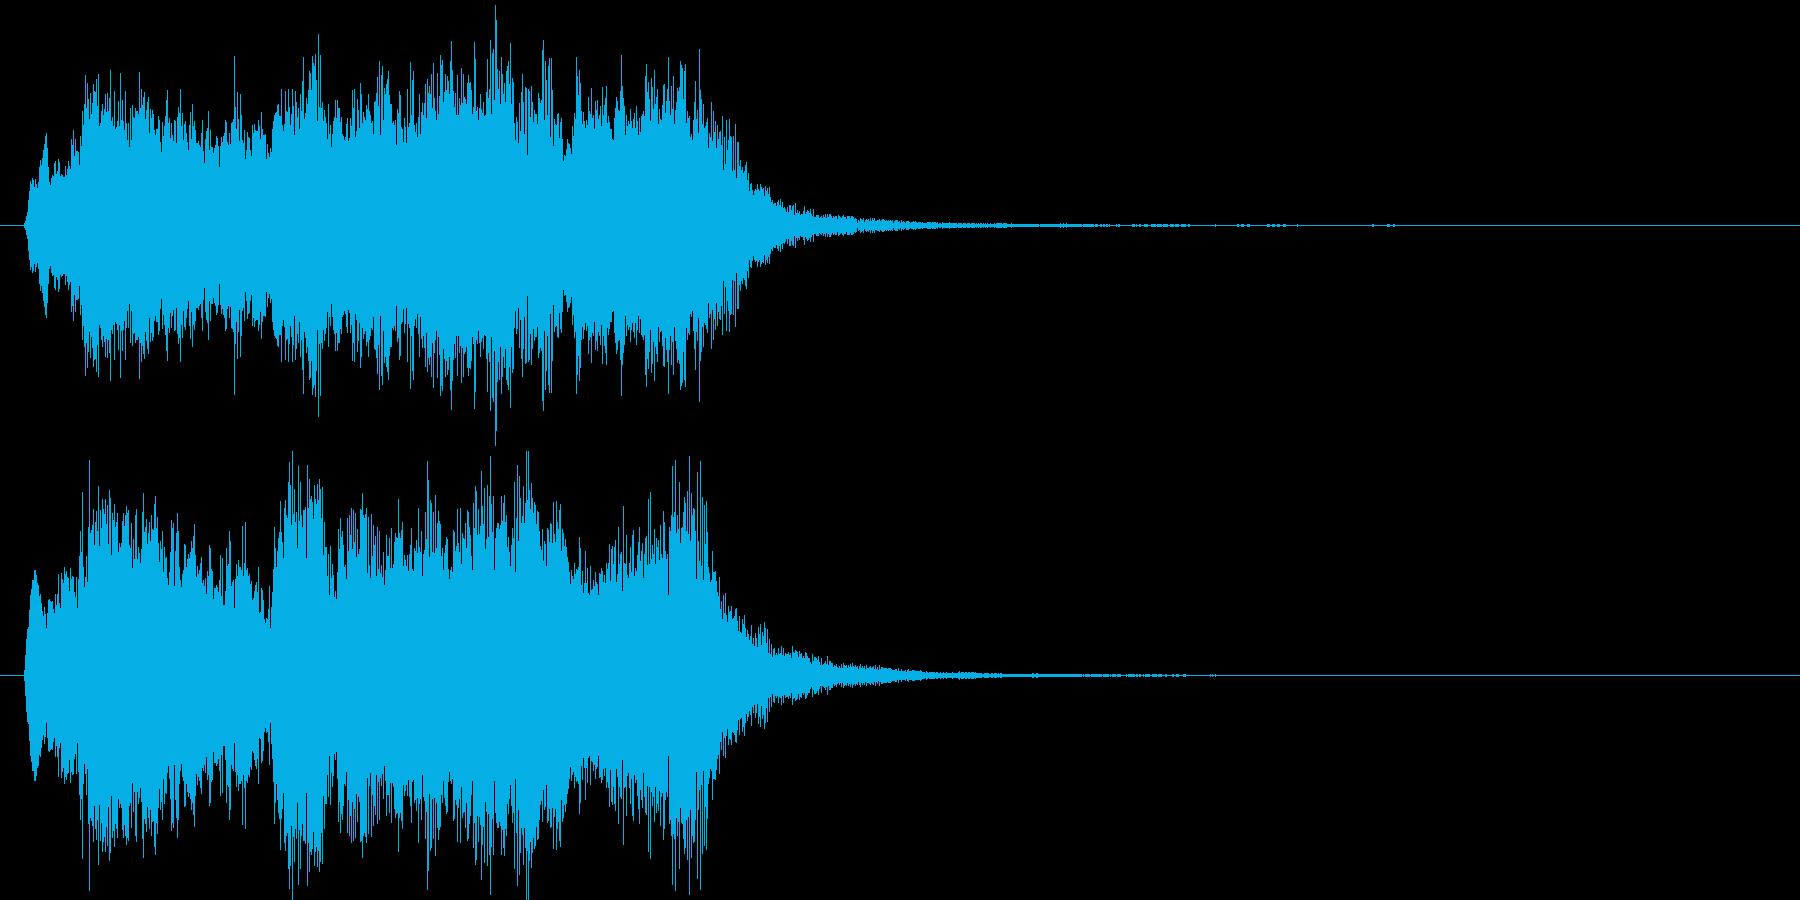 壮大で勝利感 オケのファンファーレの再生済みの波形